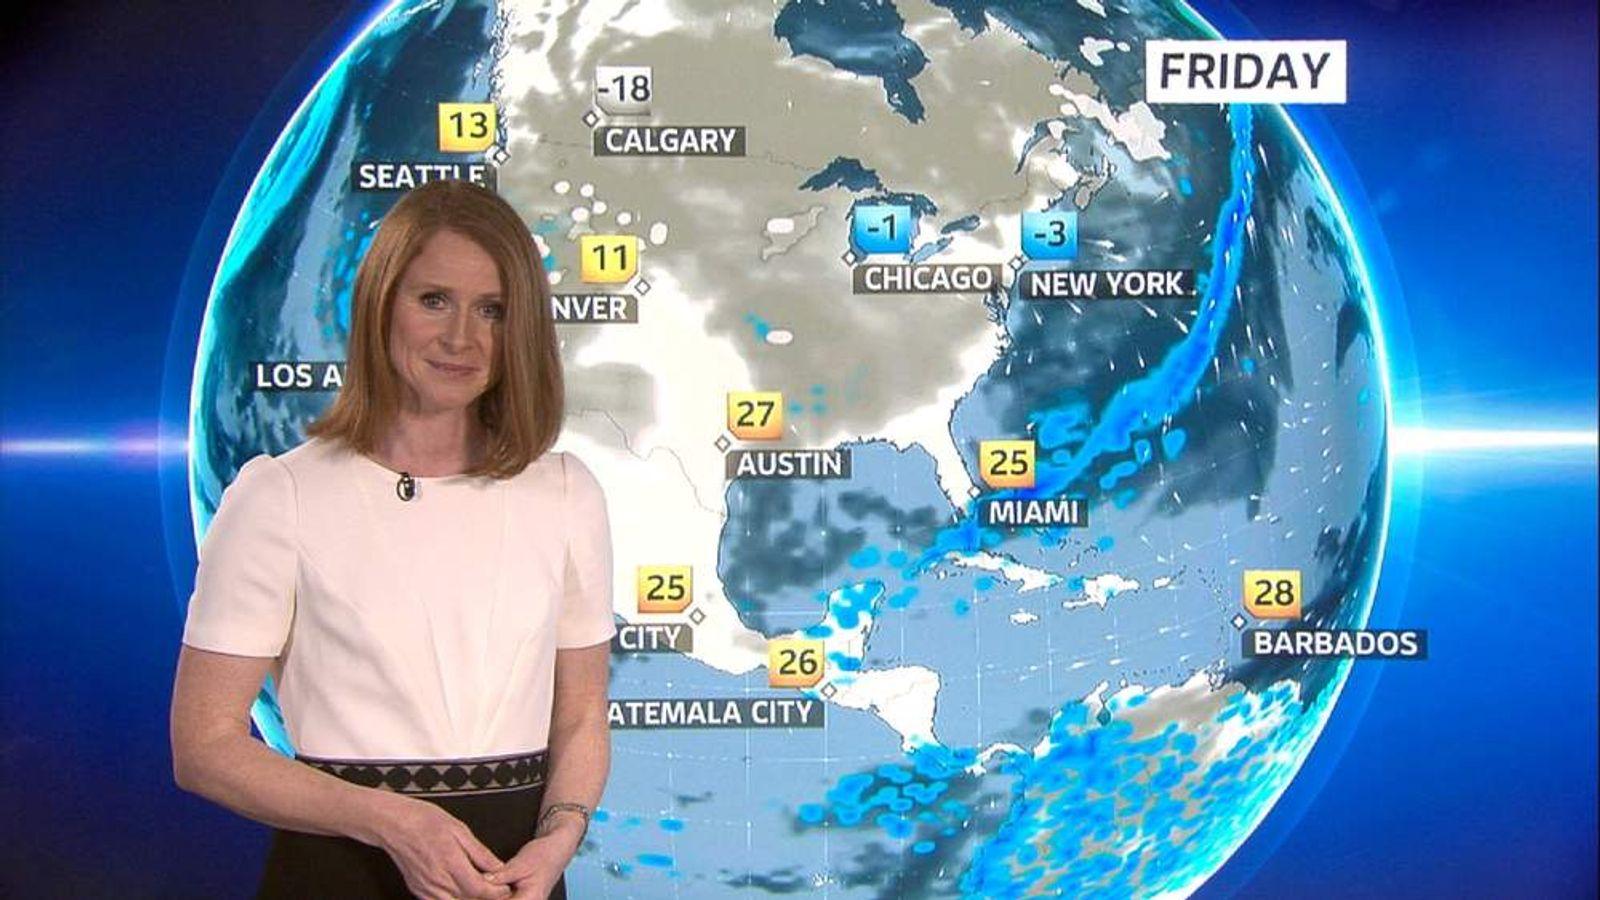 Sky News weather presenter Isabel Lang